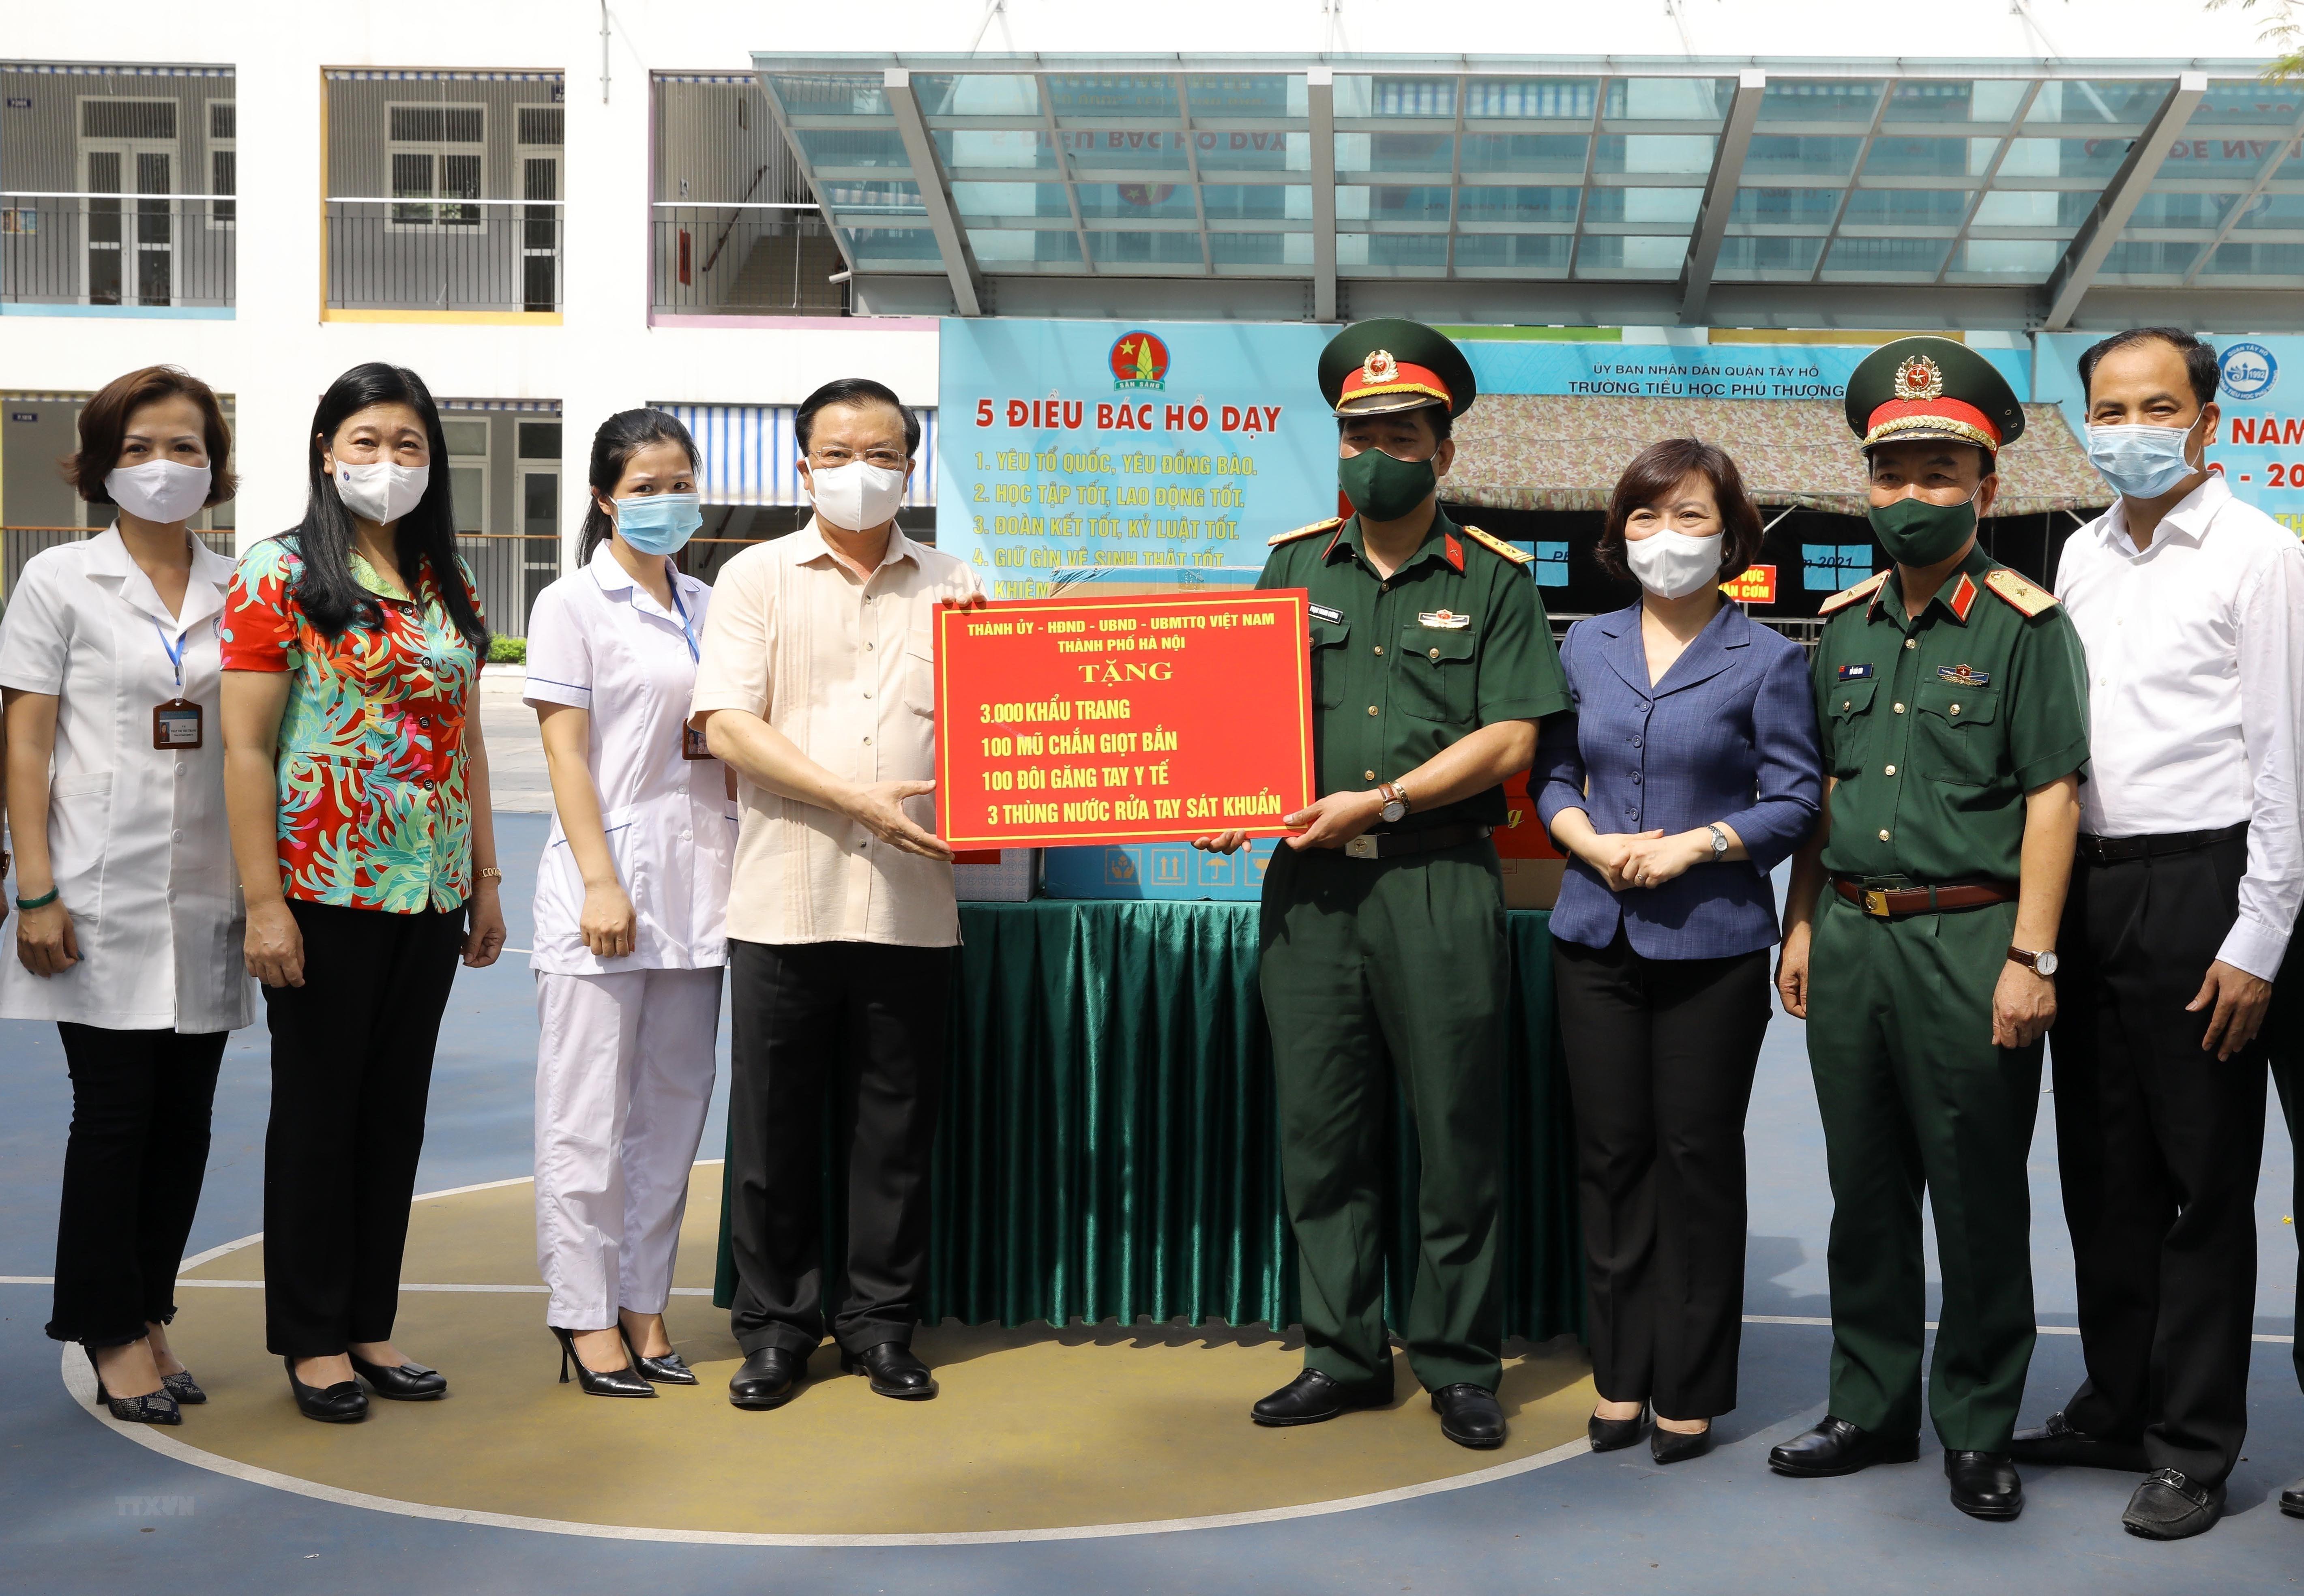 Bi thu Thanh uy Ha Noi kiem tra cong tac chuan bi bau cu va phong dich hinh anh 12